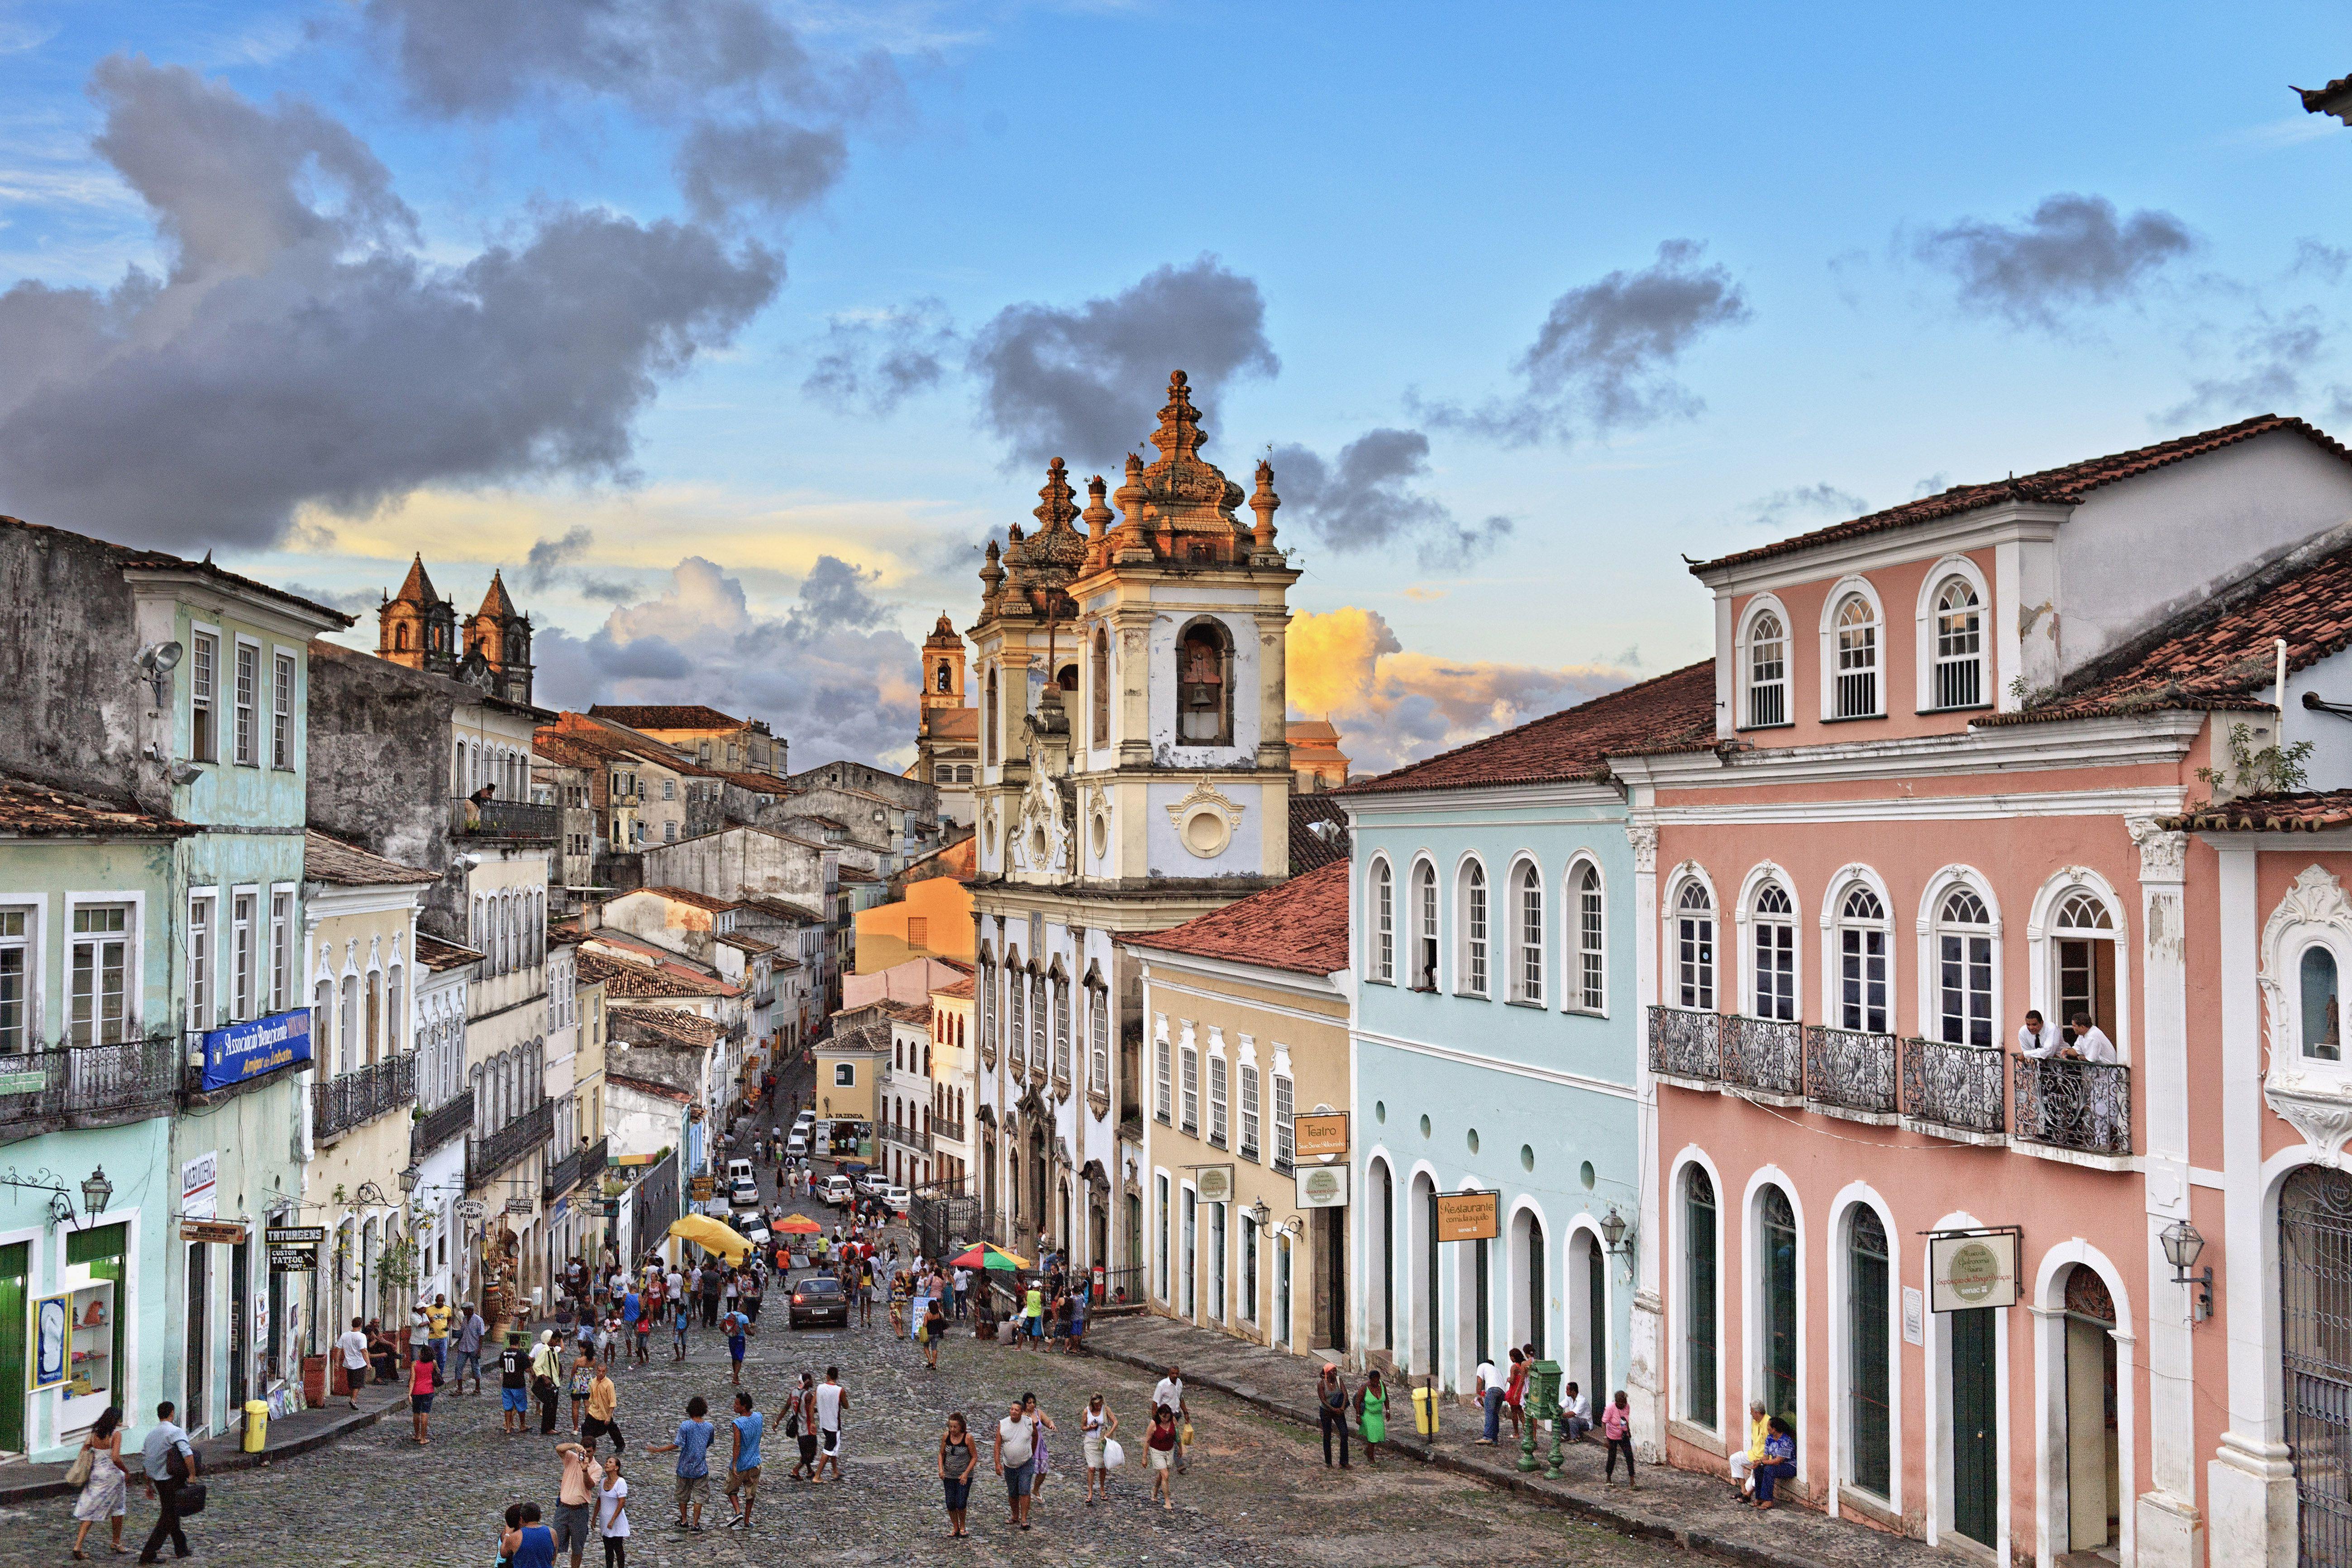 Brazil, Bahia, Salvador, Pelourinho, old town